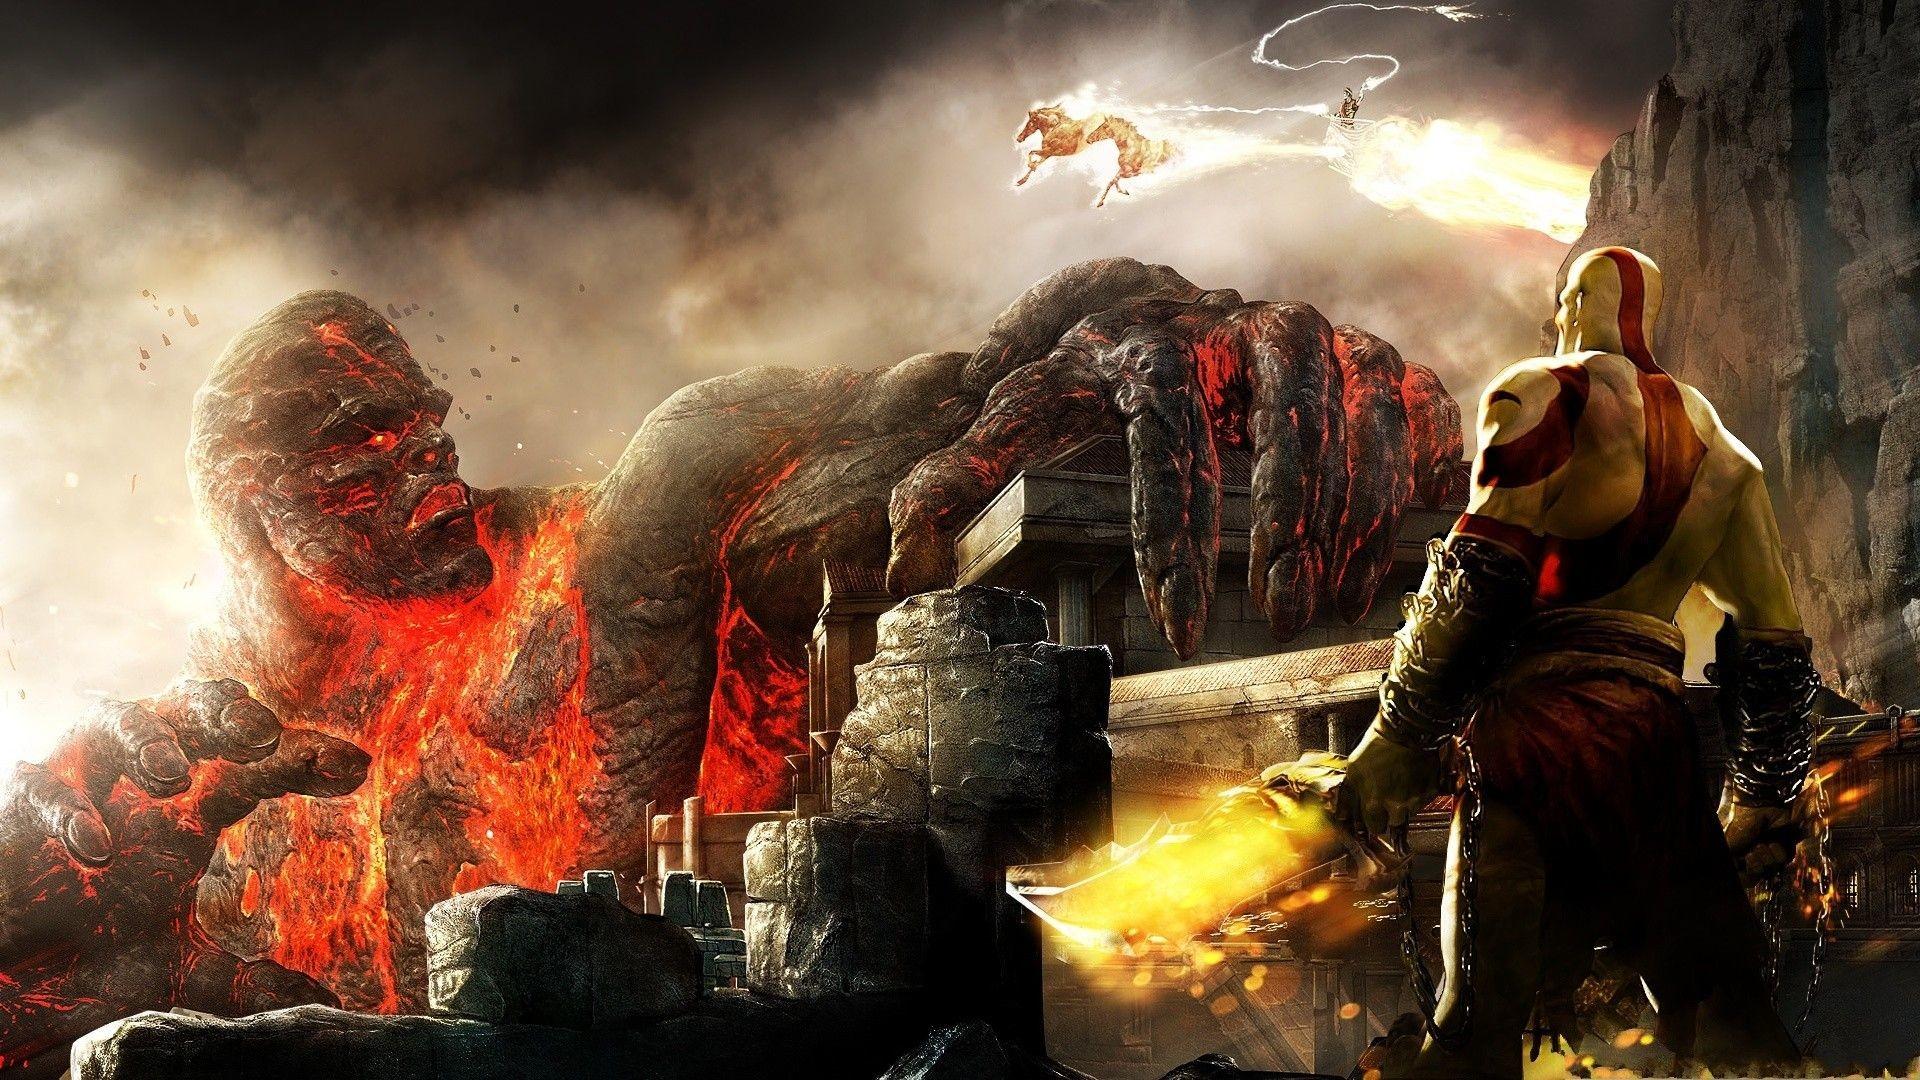 Wallpaper de Kratos HD – Taringa!